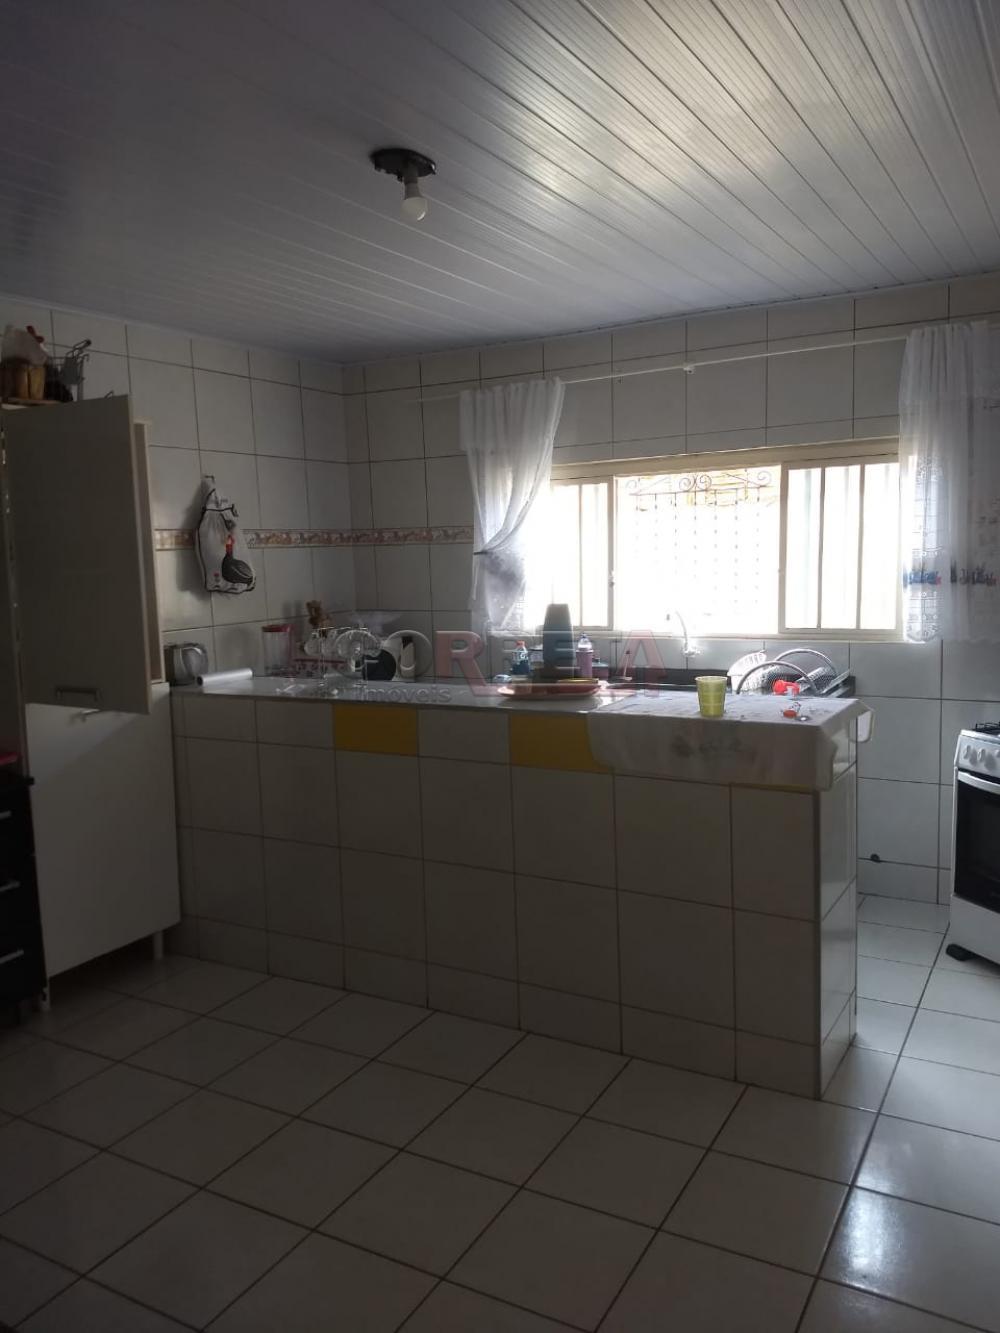 Comprar Casa / Residencial em Araçatuba R$ 210.000,00 - Foto 5